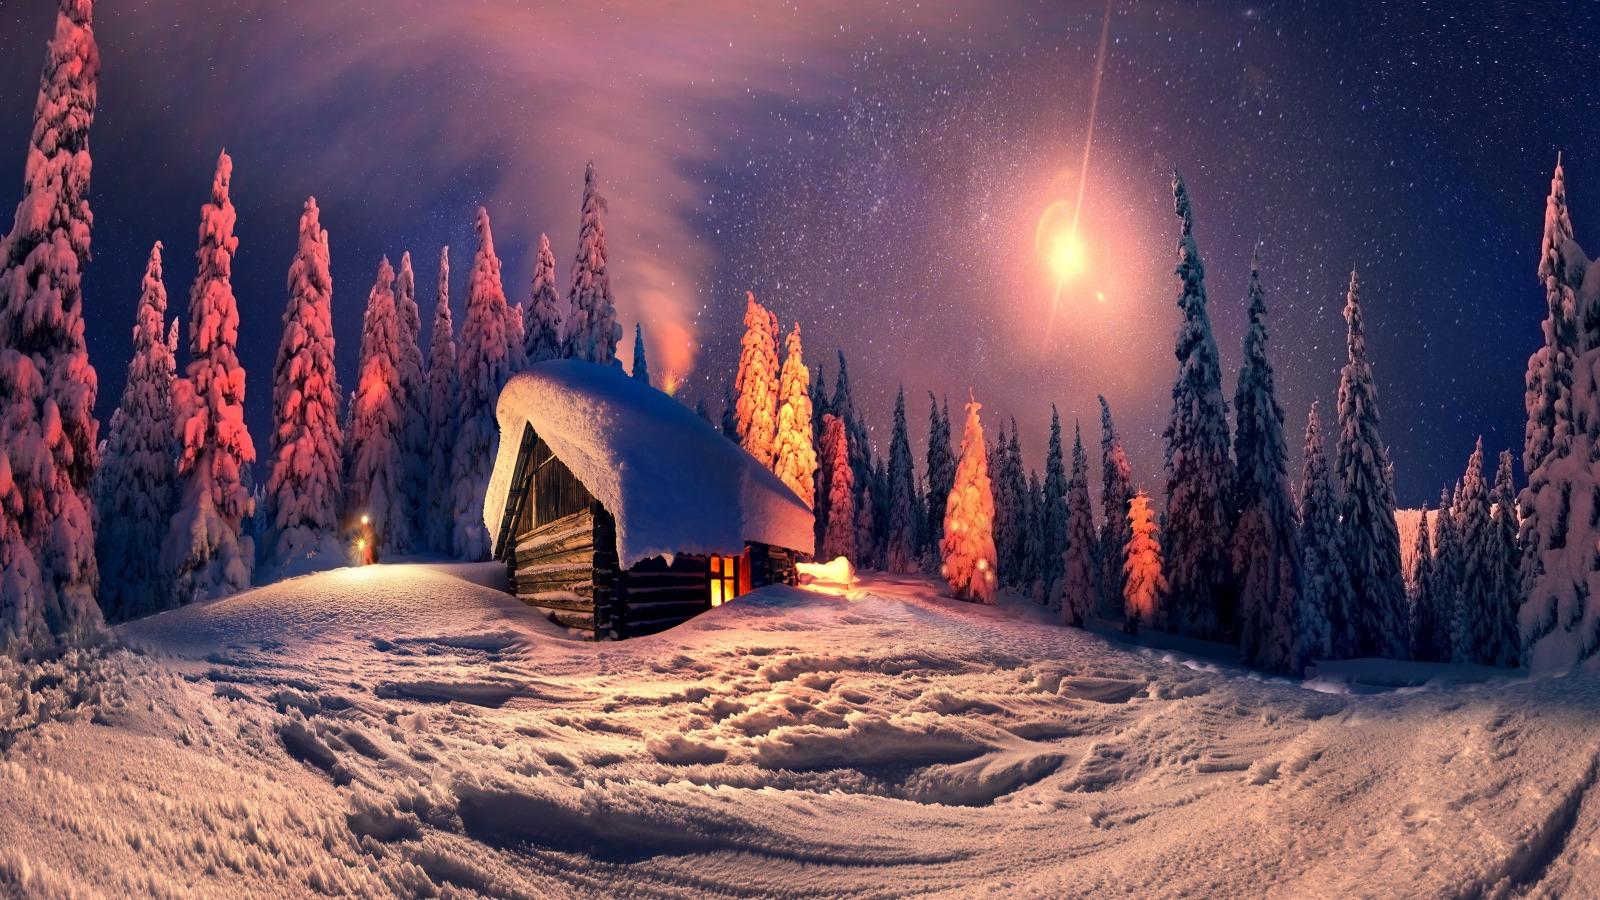 priroda-noch-zima-sneg-522.jpg